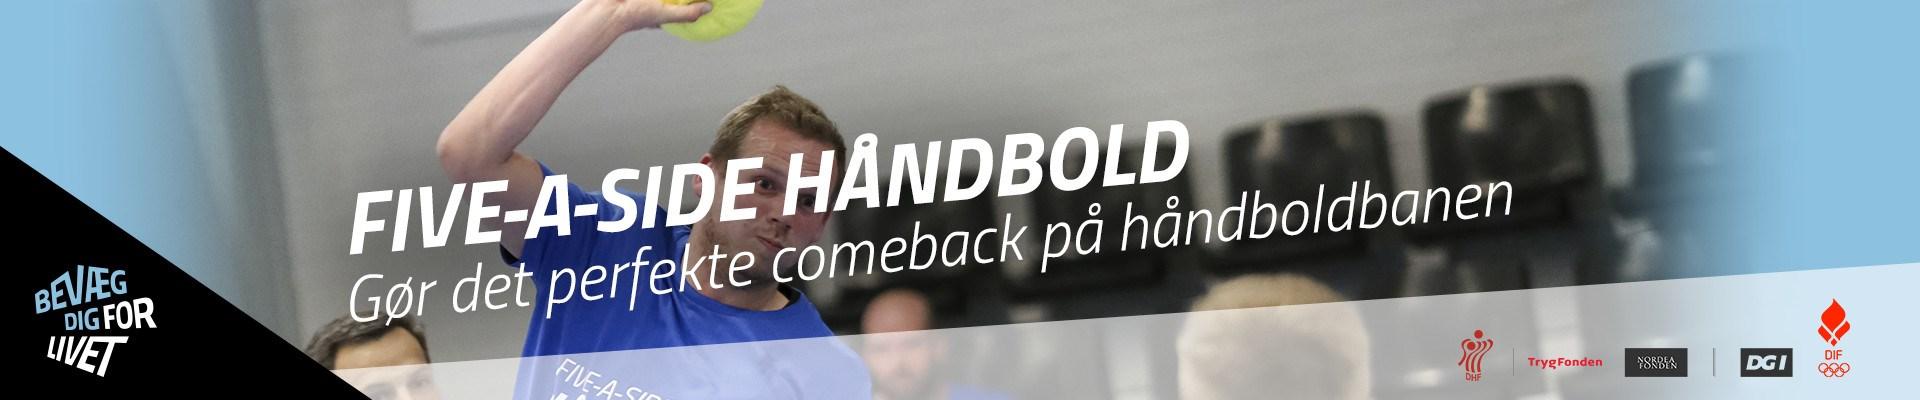 Five-a-side Håndbold